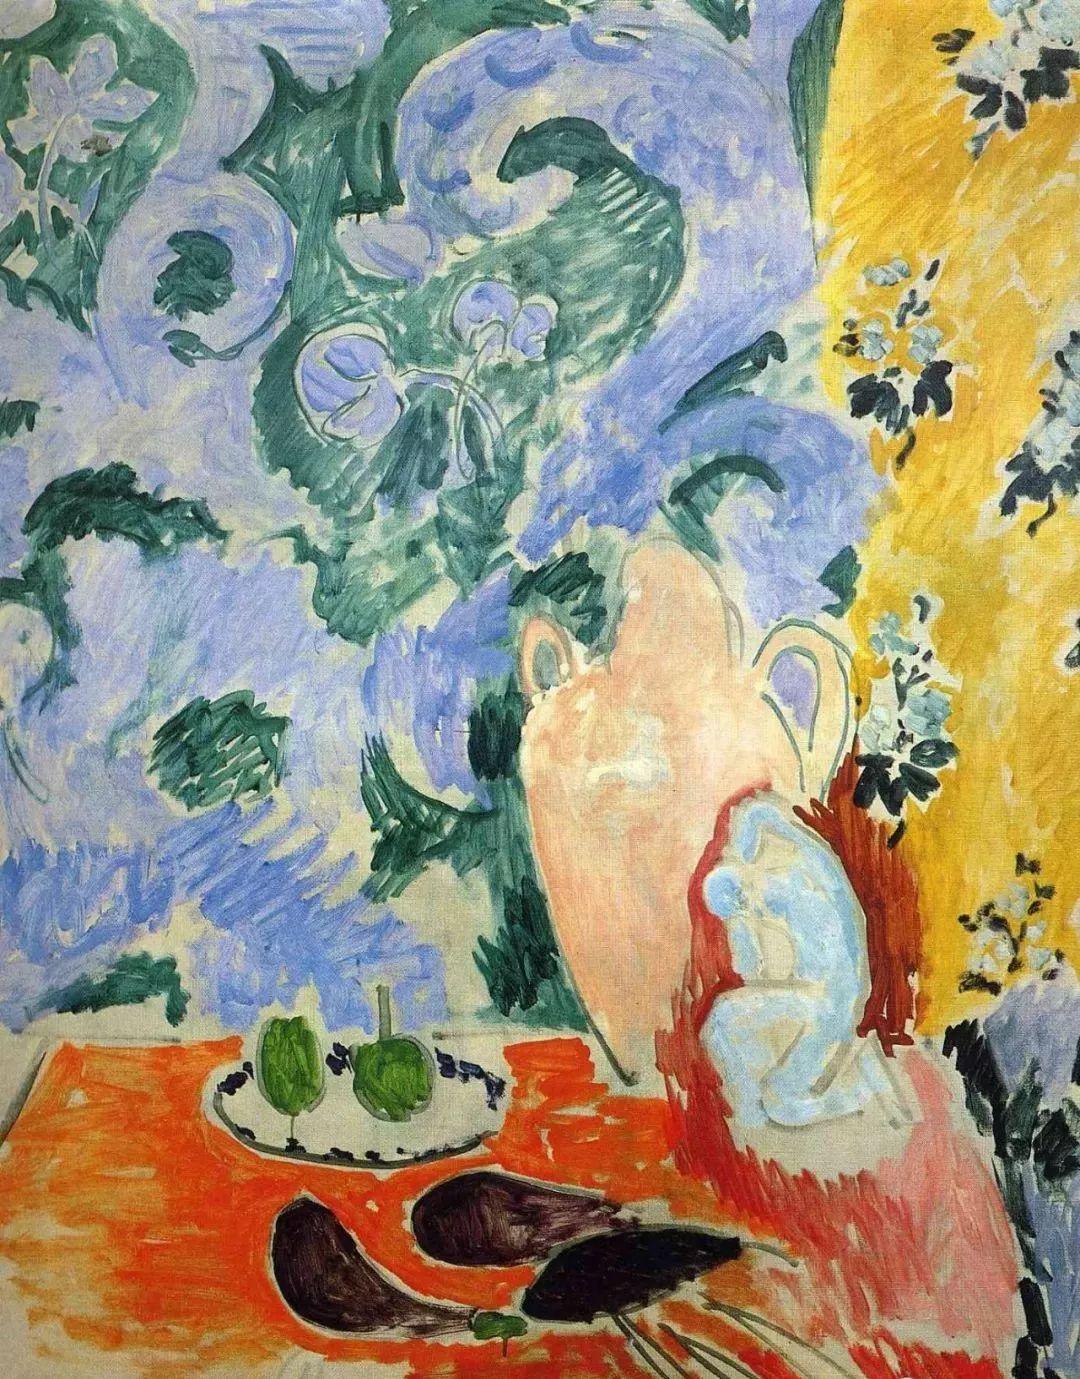 与毕加索并称为20世纪世界美术的两座高峰!马蒂斯静物作品集,震撼出炉!插图68